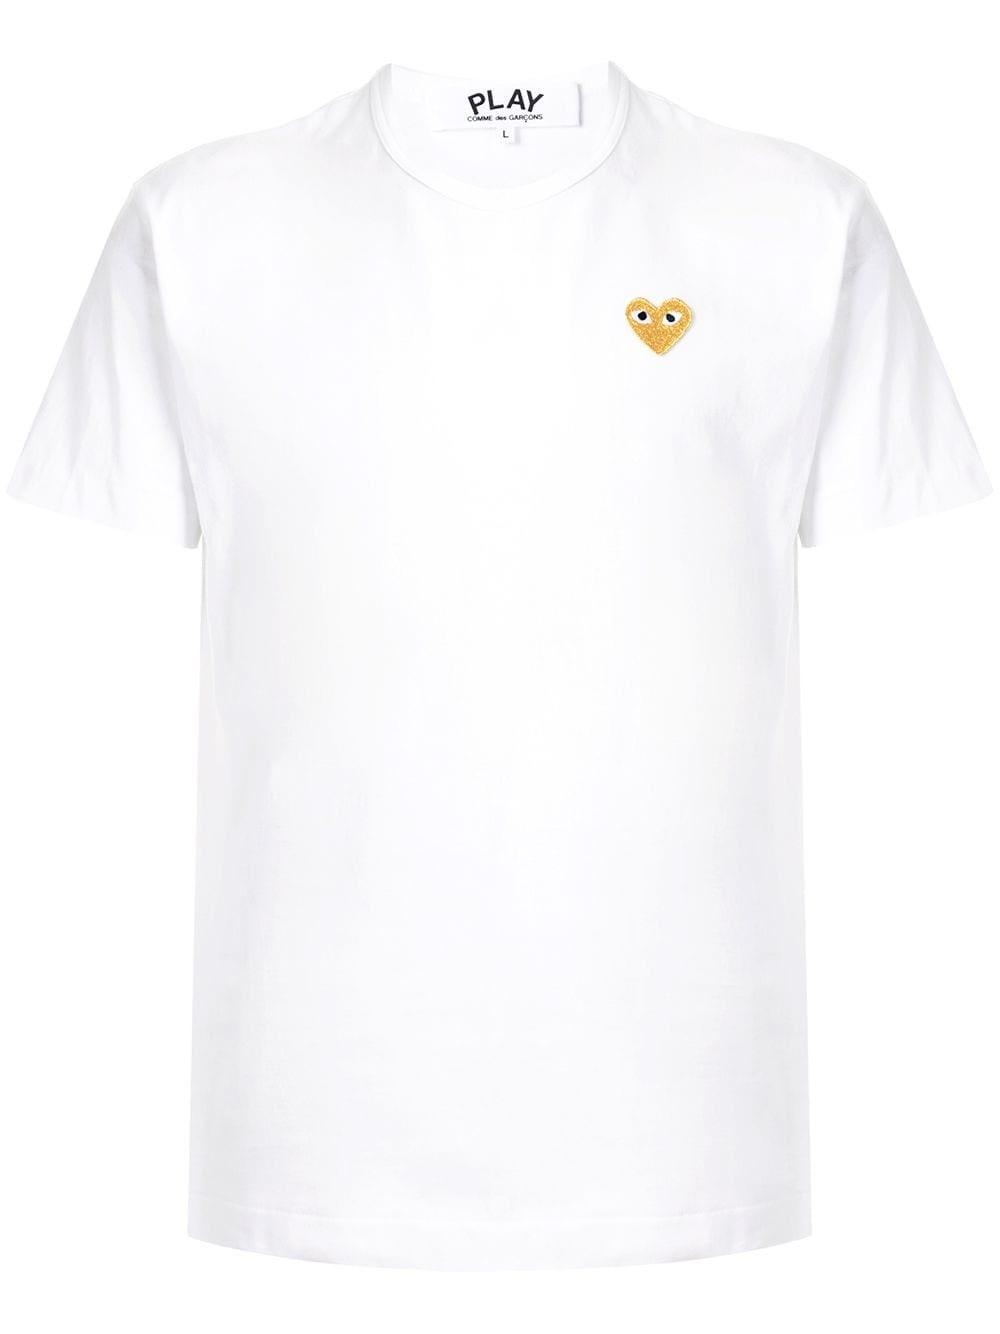 COMME DES GARCONS PLAY Golden Heart T-Shirt